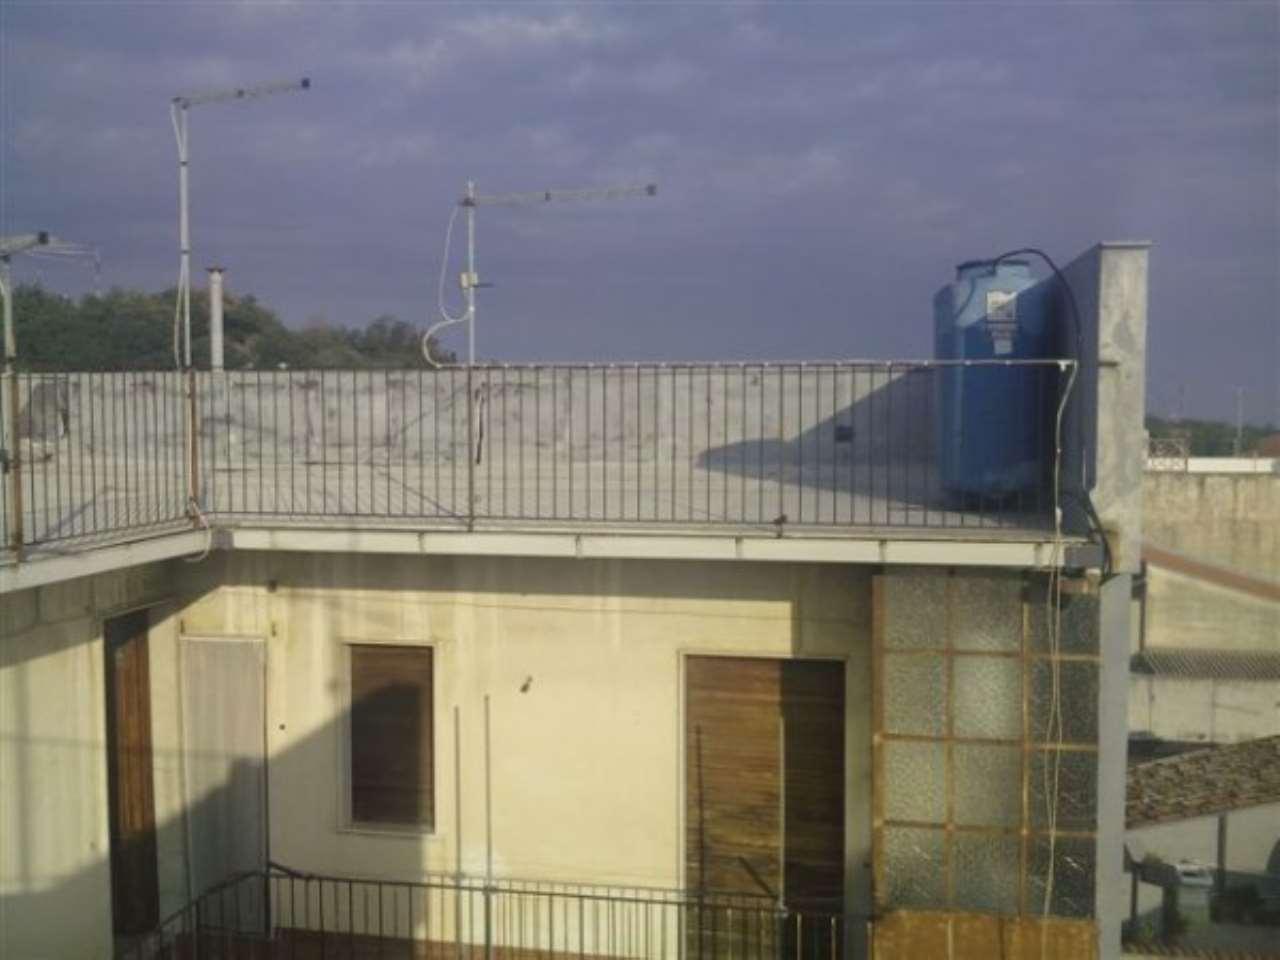 Appartamento in vendita a San Gregorio di Catania, 3 locali, prezzo € 50.000   CambioCasa.it